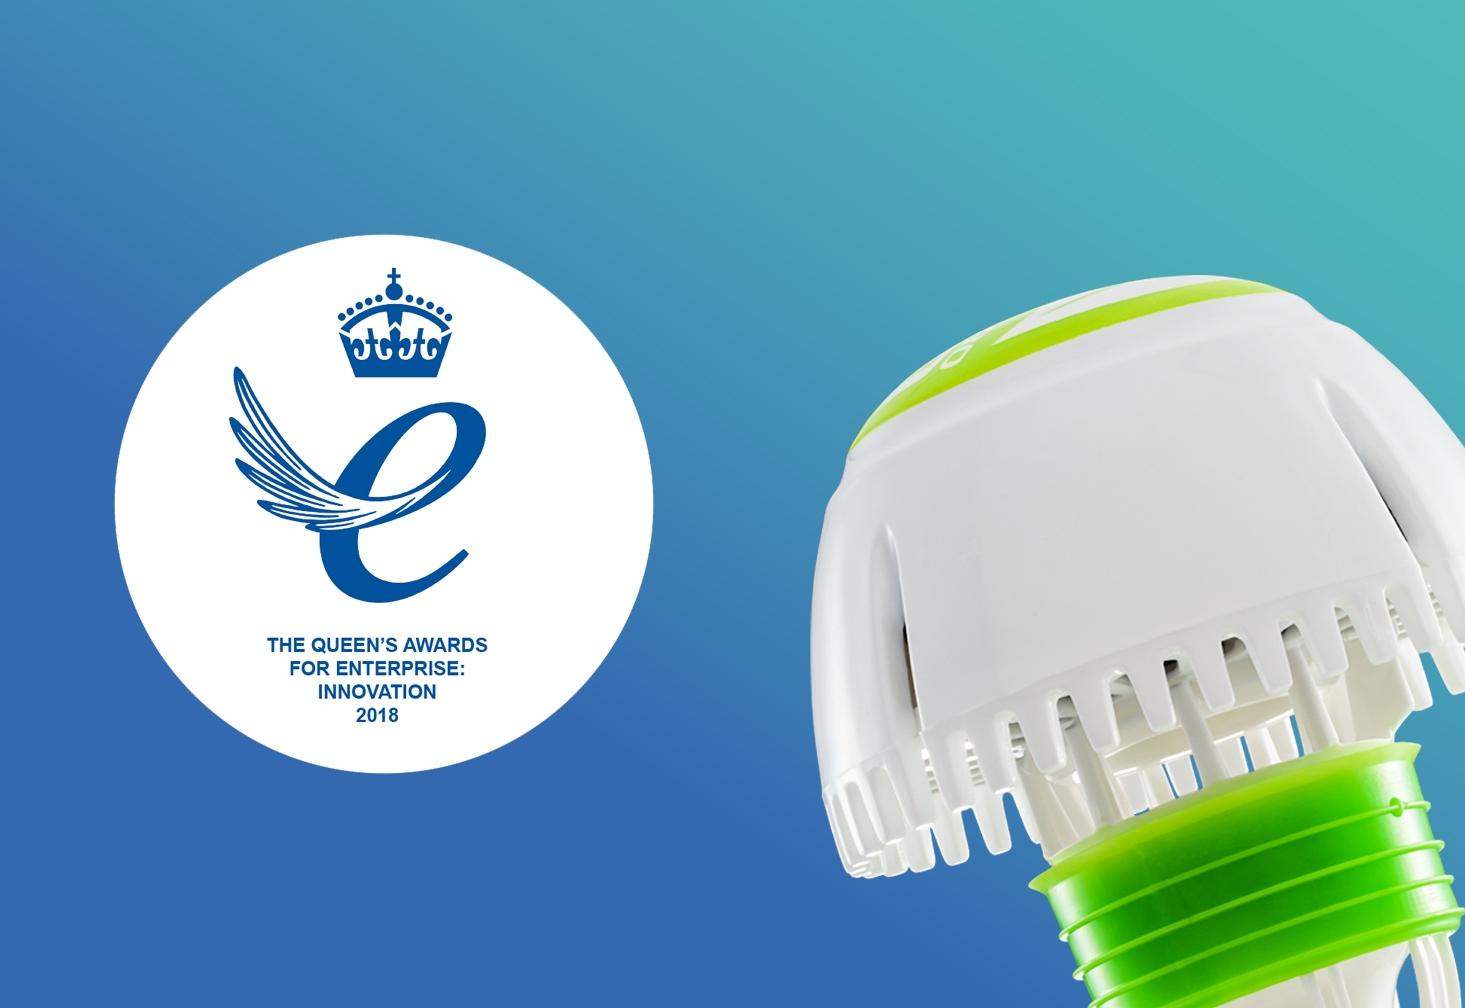 HSG-UK-Ureco-Queens-Prize-for-innovation-Blog.jpg#asset:1875